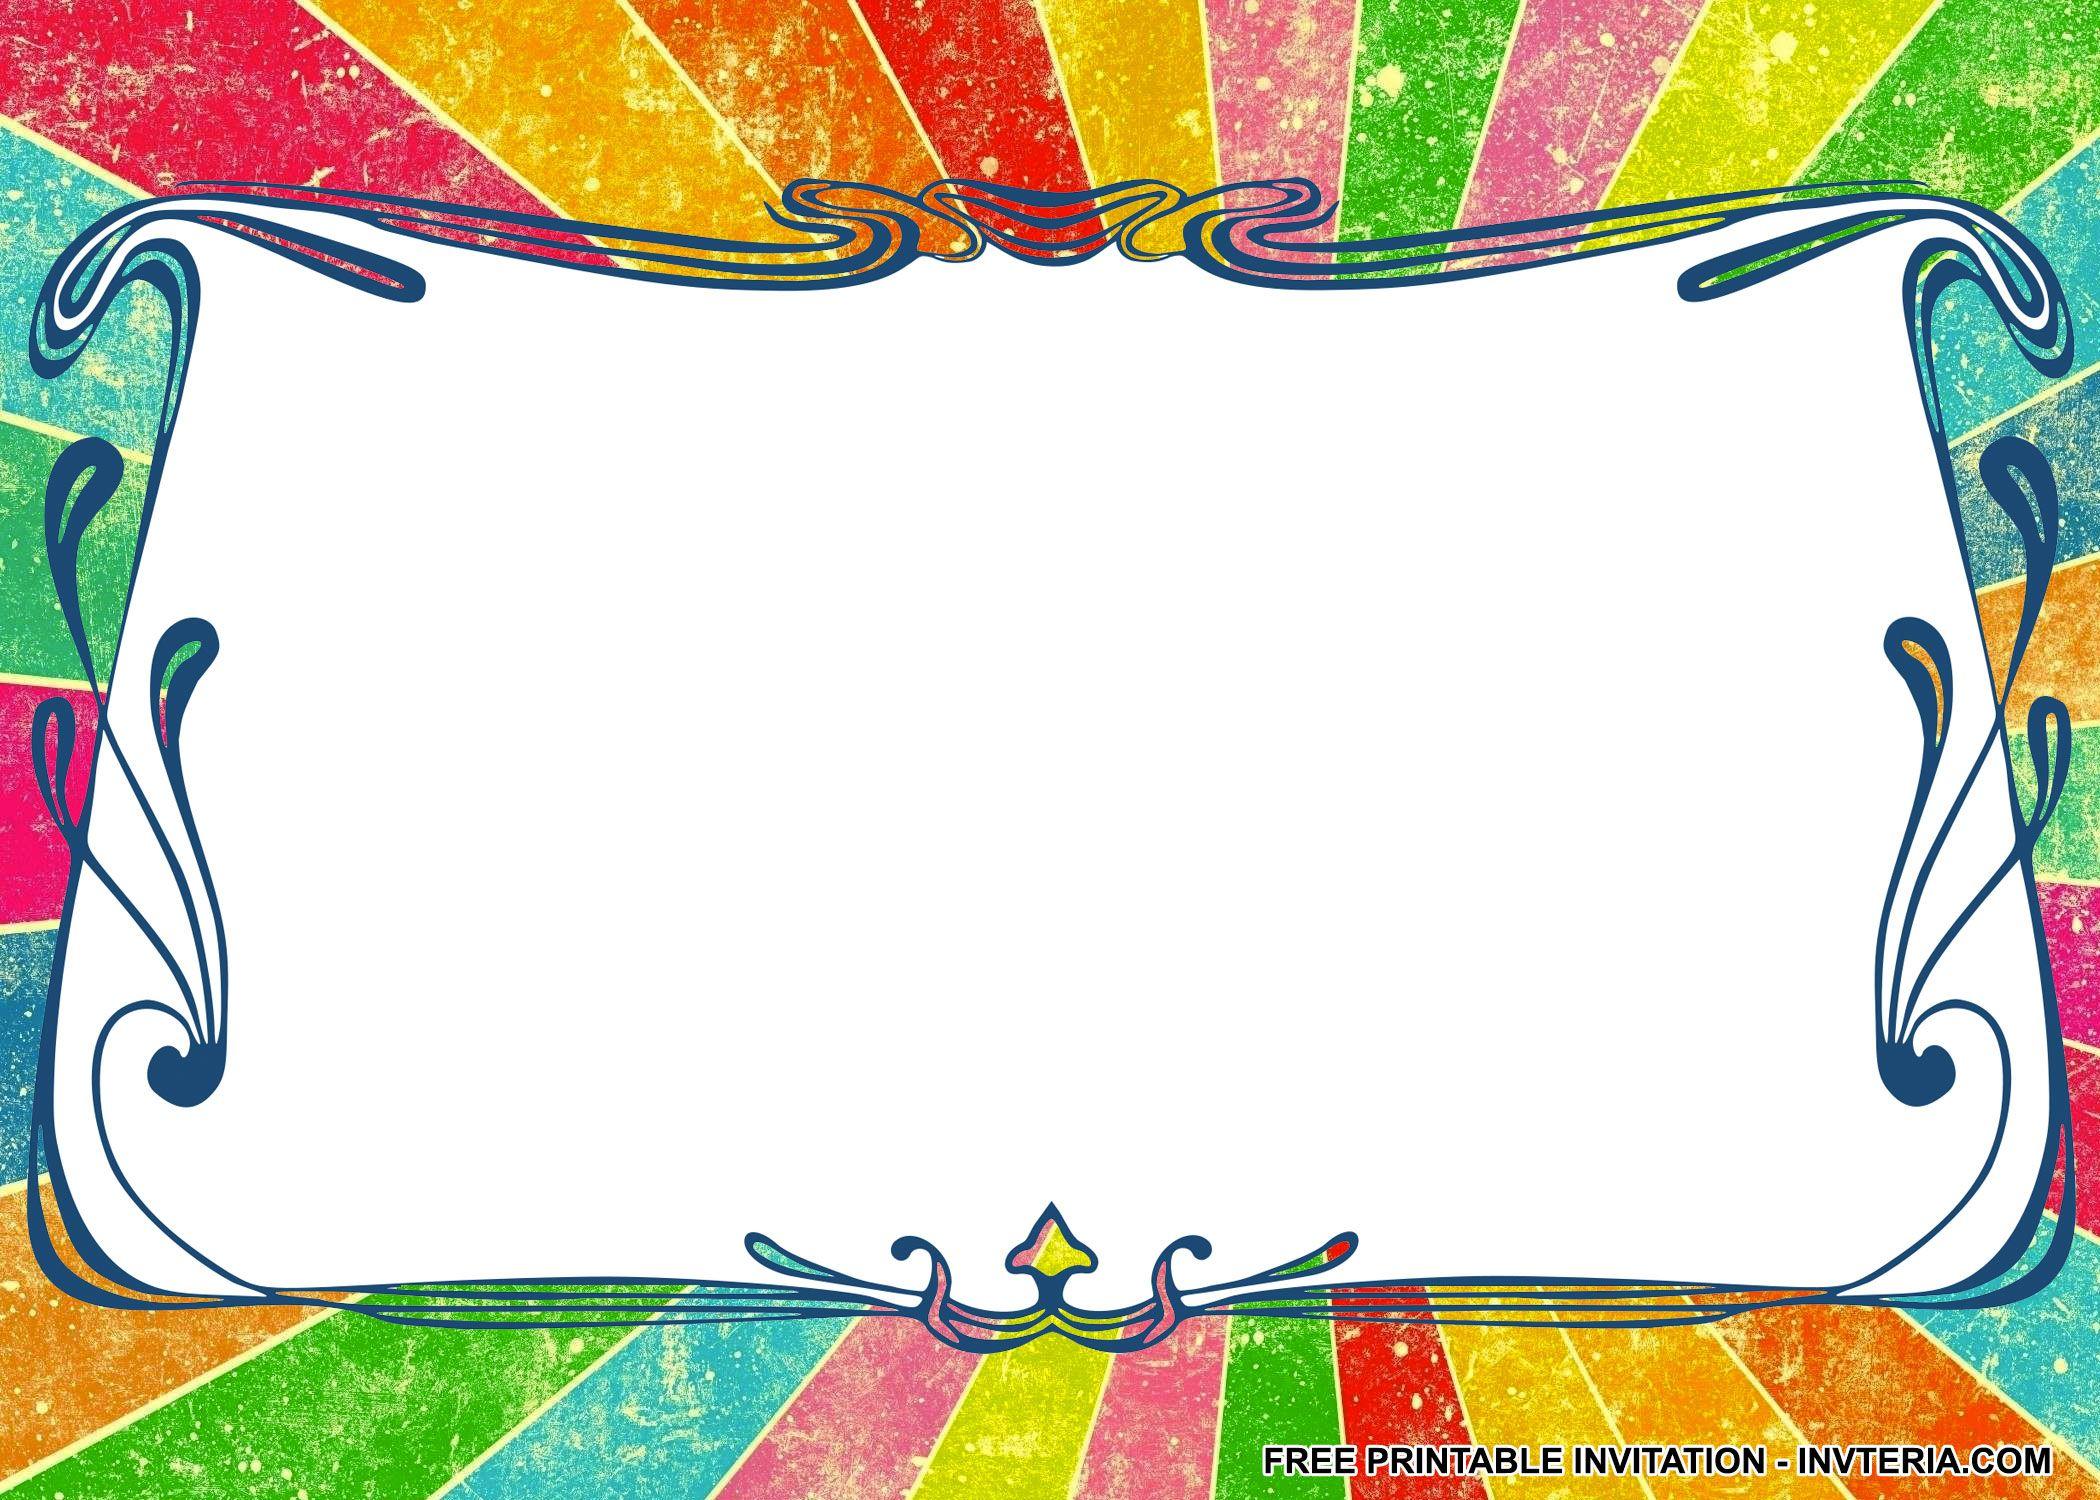 AWESOME FREE RAINBOW BIRTHDAY PARTY INVITATIONS IDEA | Invitation ...